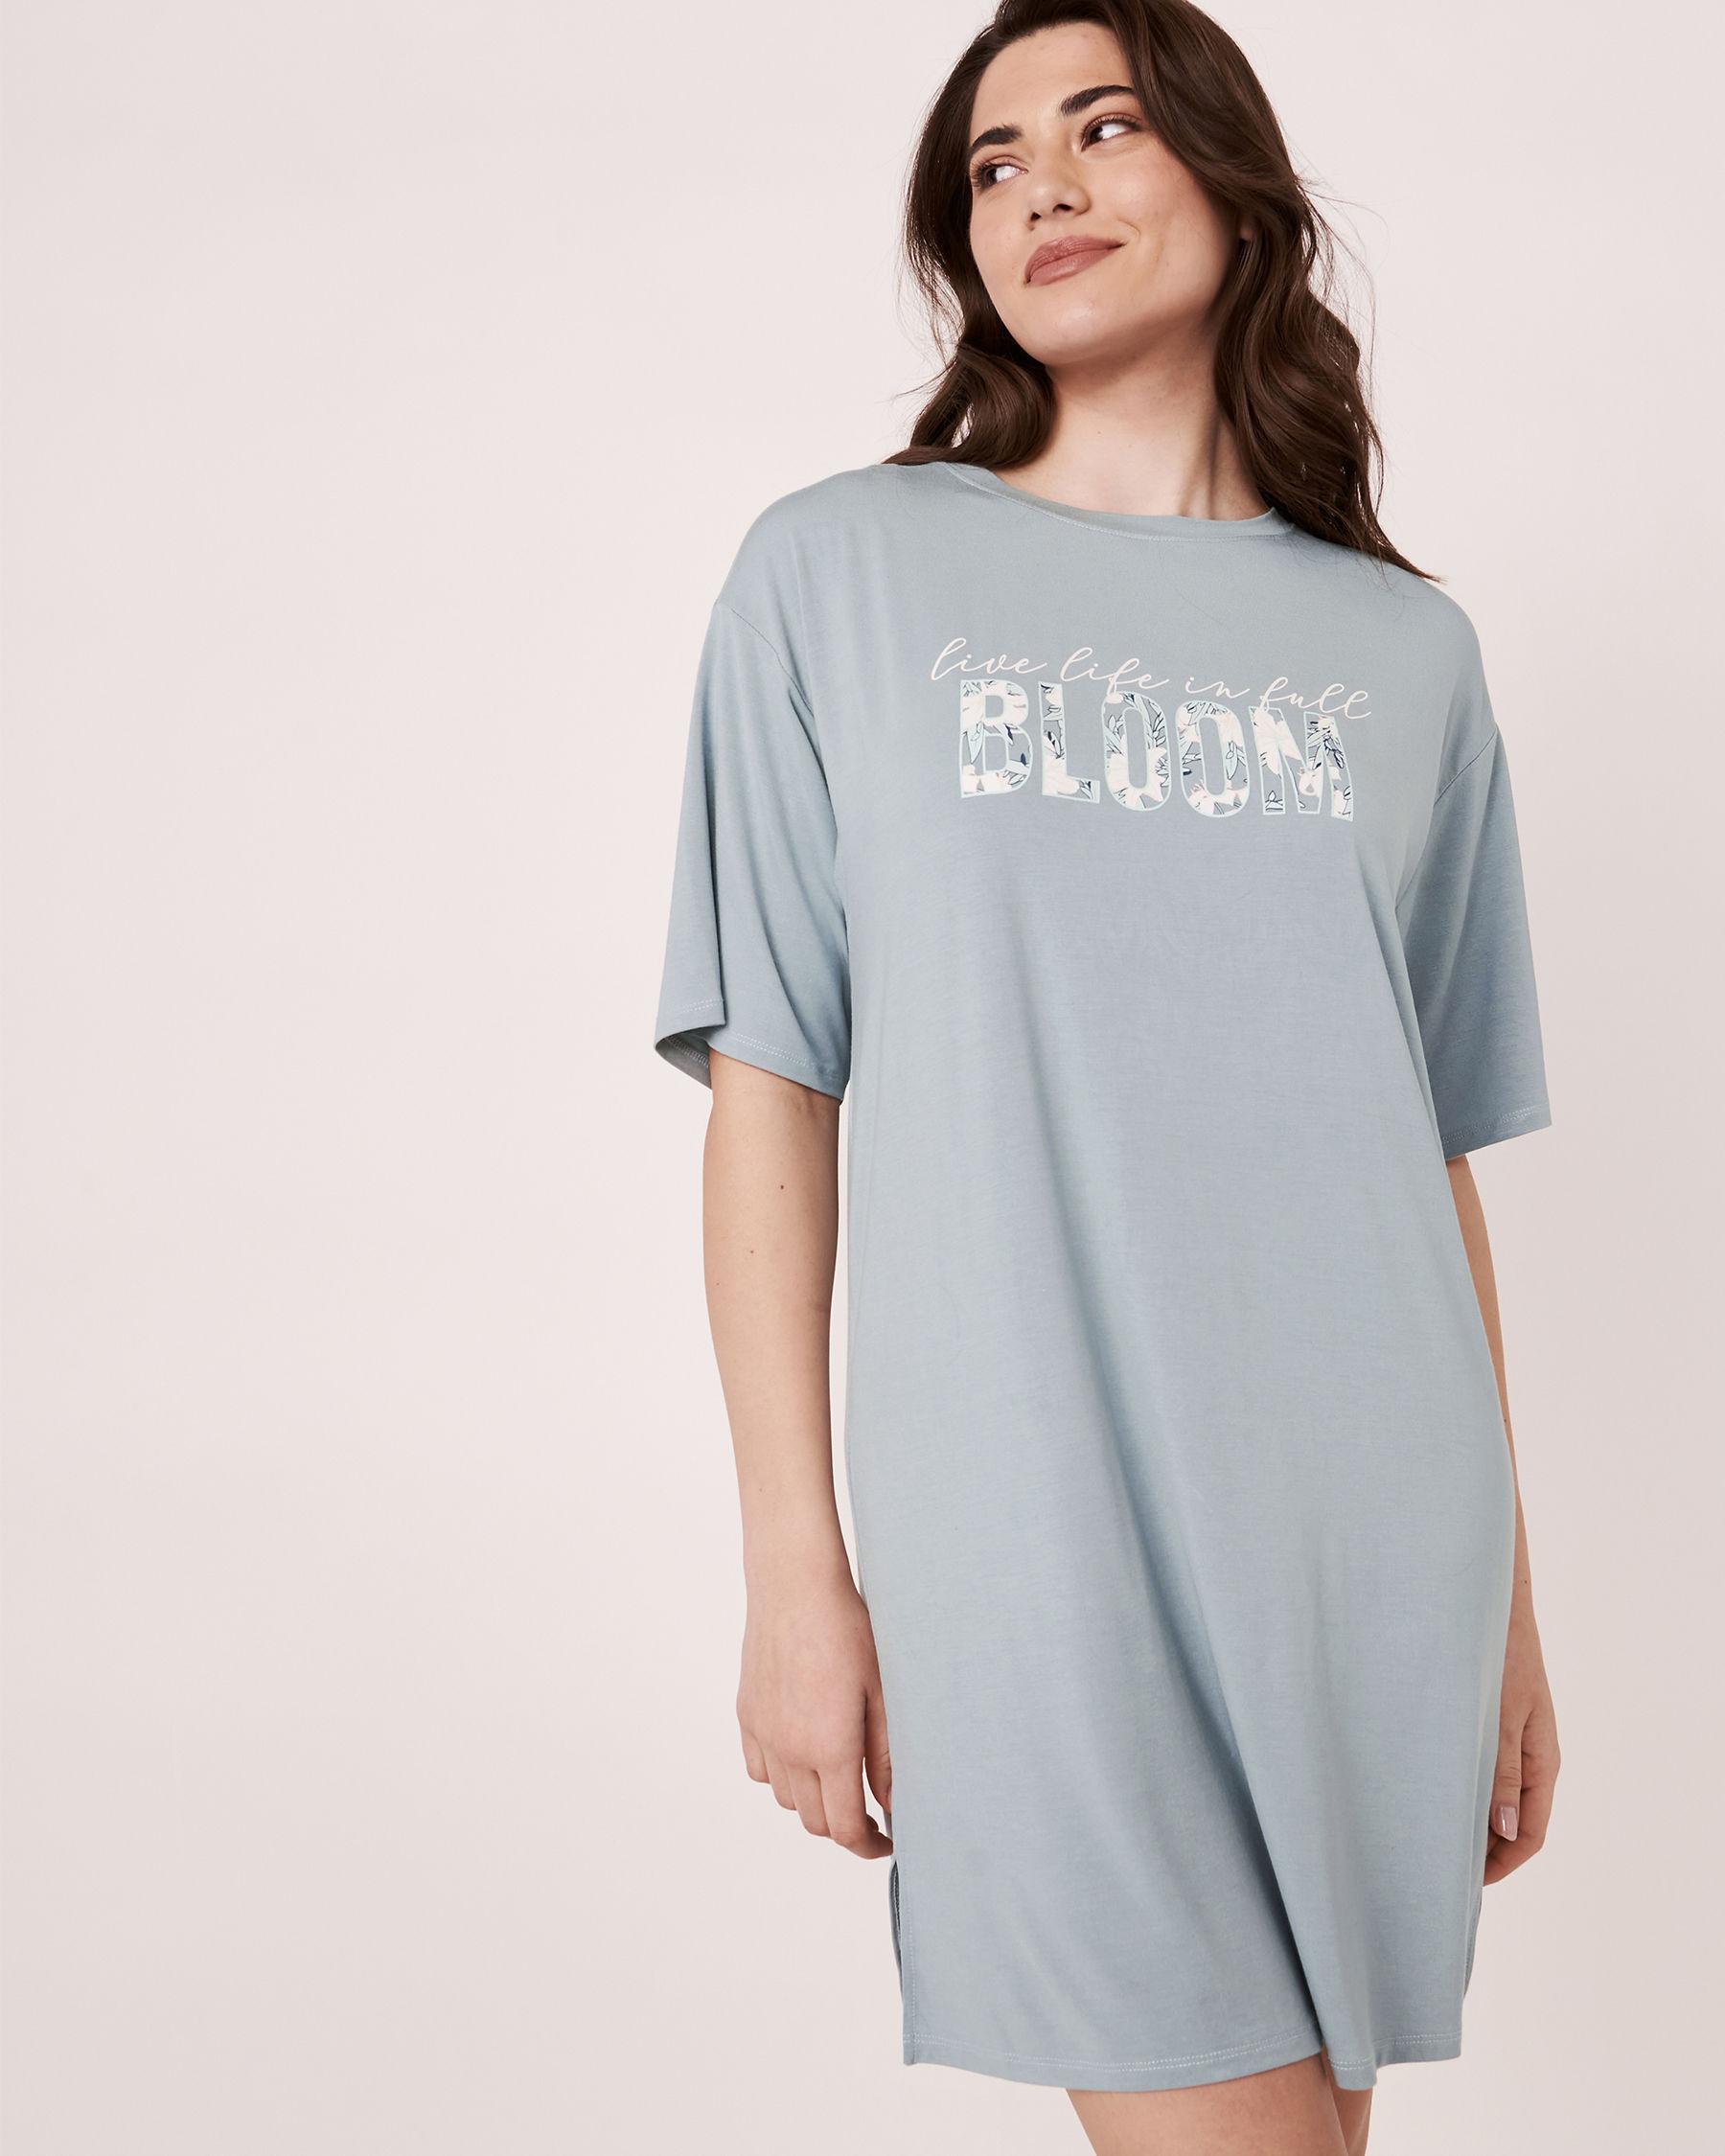 LA VIE EN ROSE Chemise de nuit manches courtes tombantes Bleu gris 40500052 - Voir3